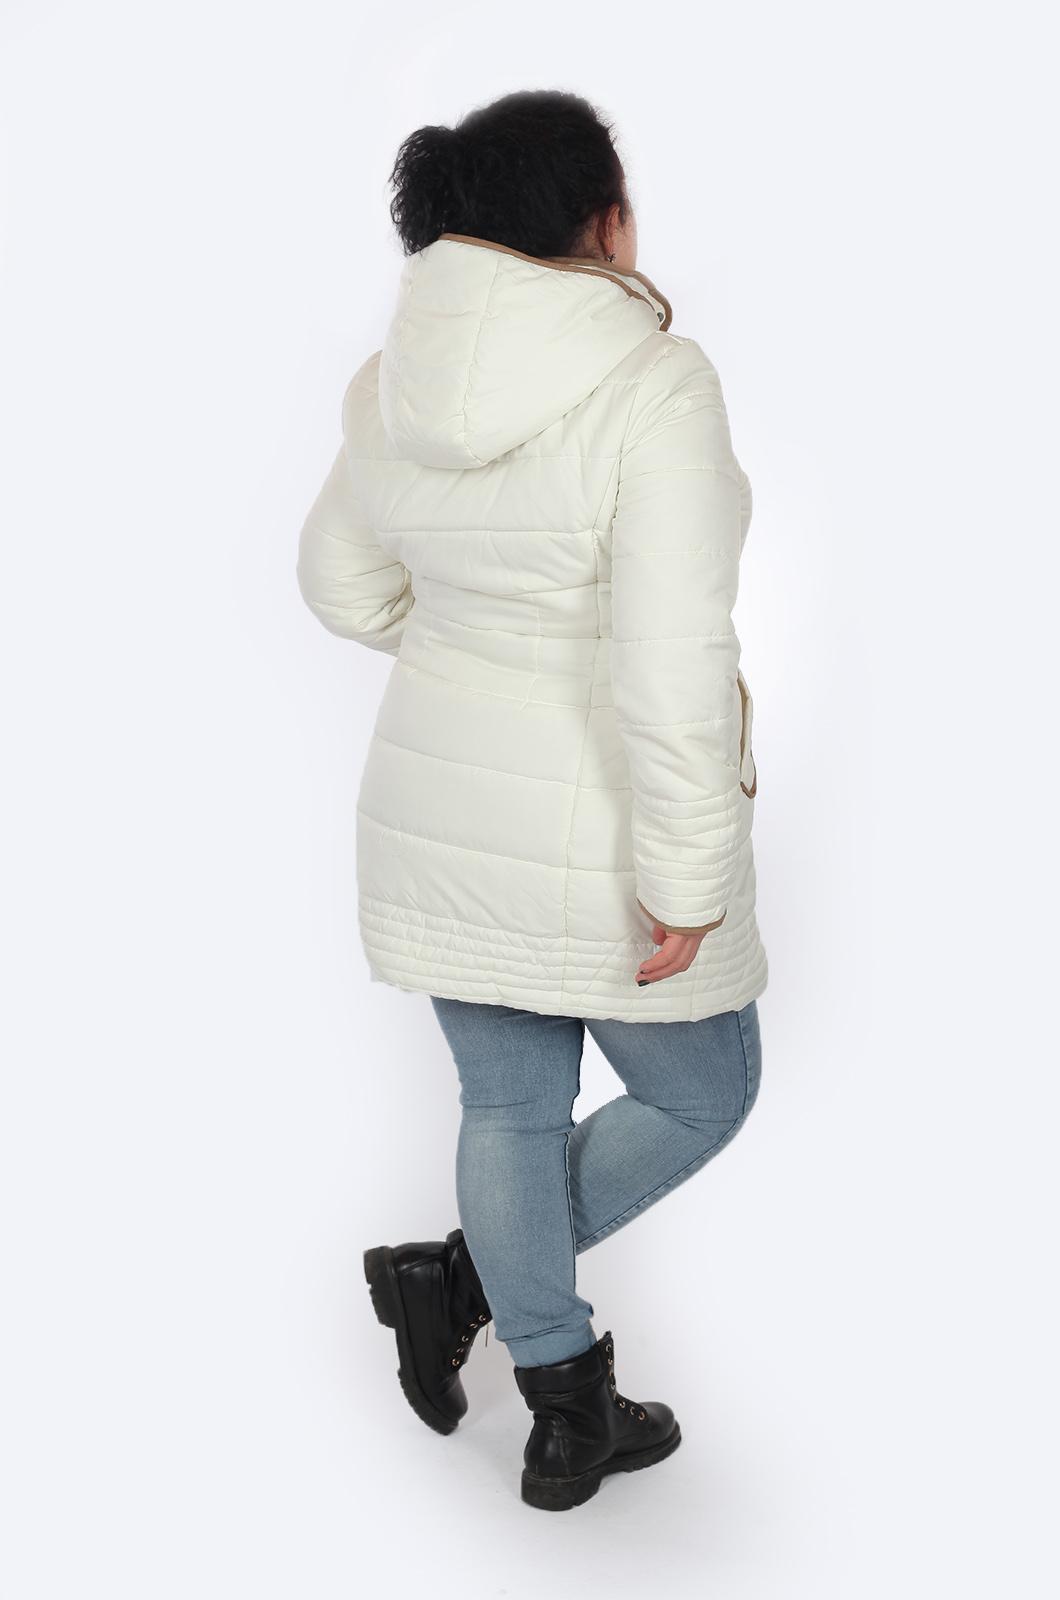 Немецкая стеганая женская куртка Orsay - стильная фирменная вещь для межсезонья.